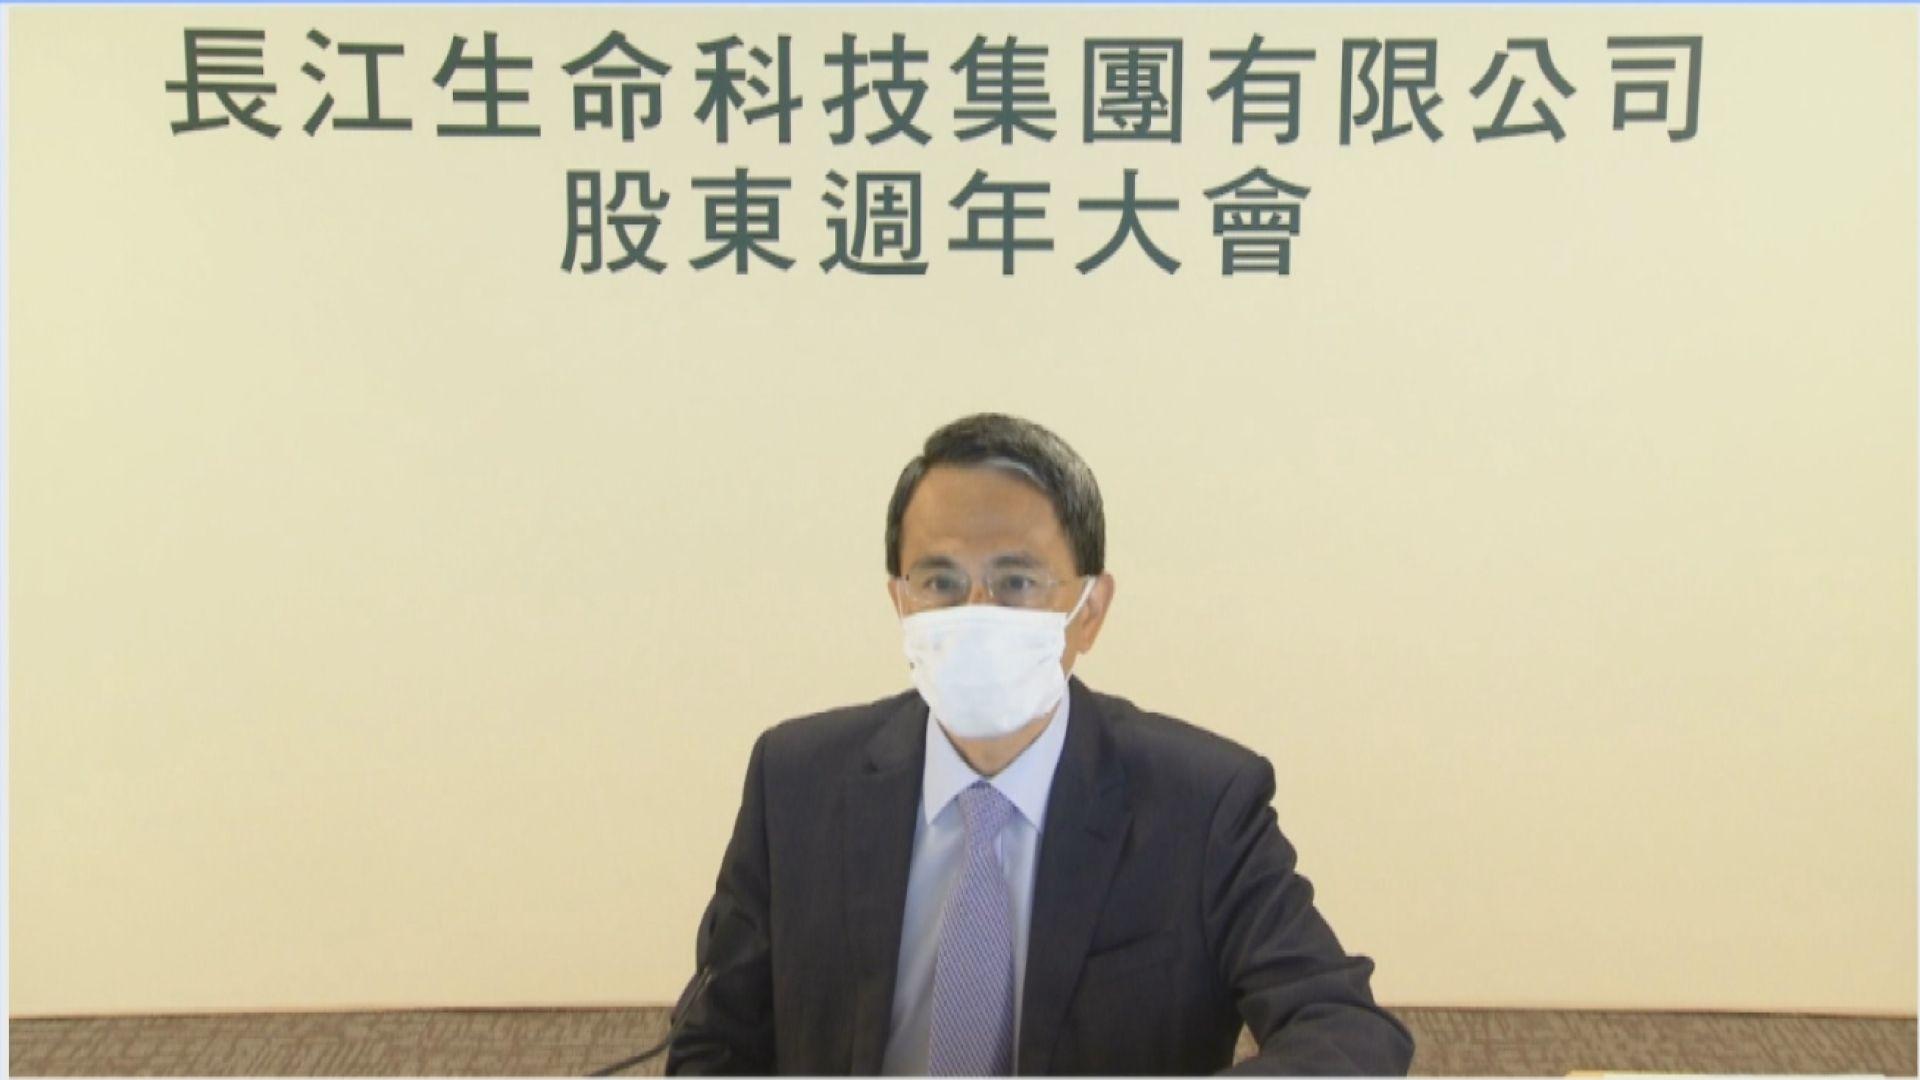 長江生命科技:不排除分拆疫苗項目